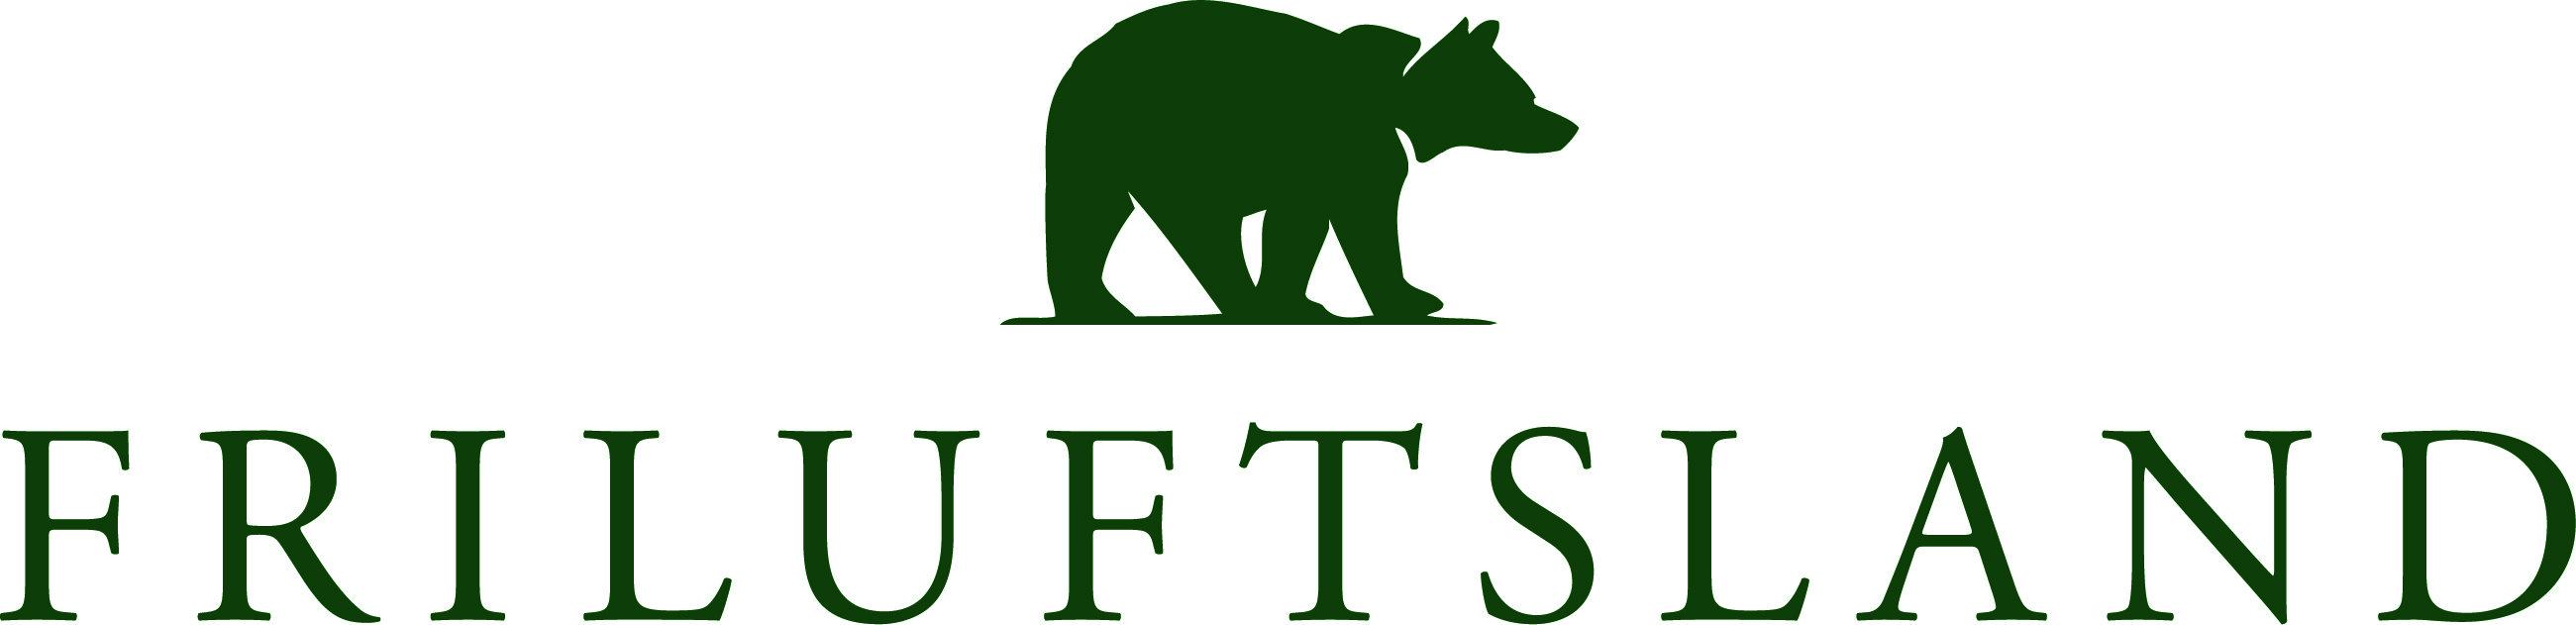 Logo tilhørende Friluftsland